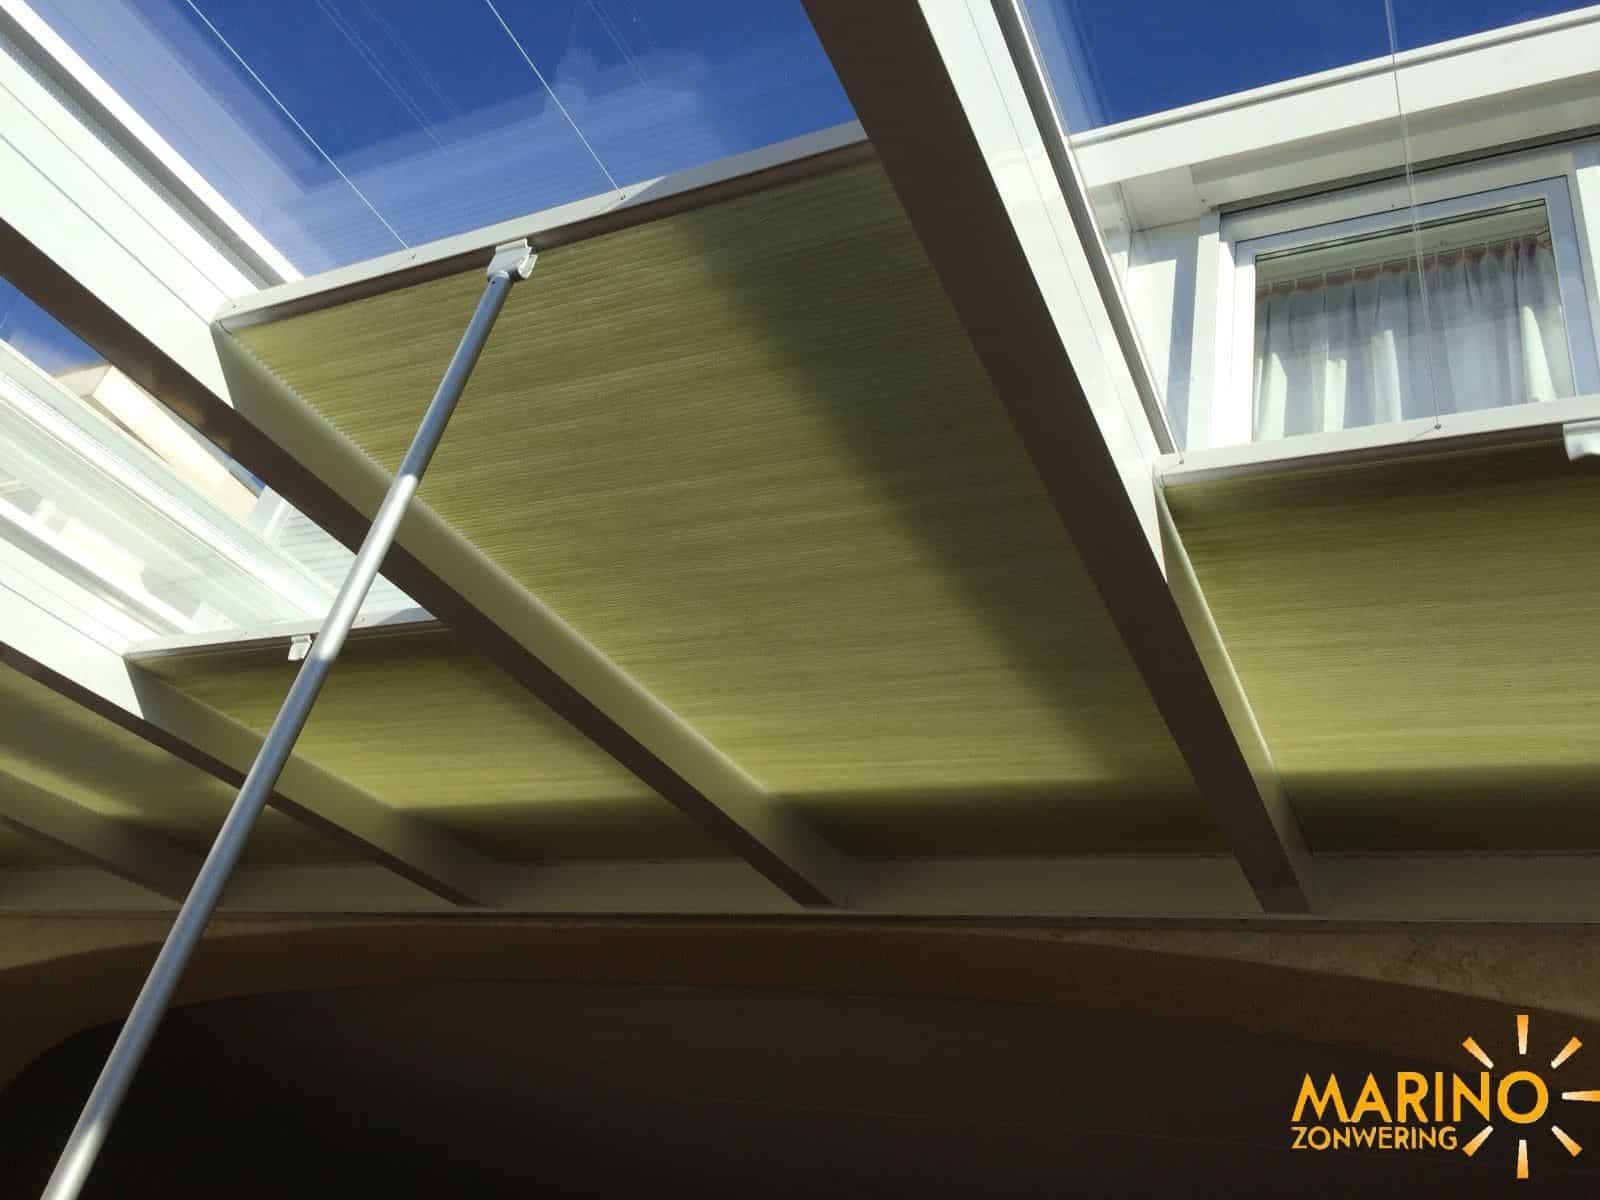 Marino plissé zonwering voor lichtstraat en veranda ...